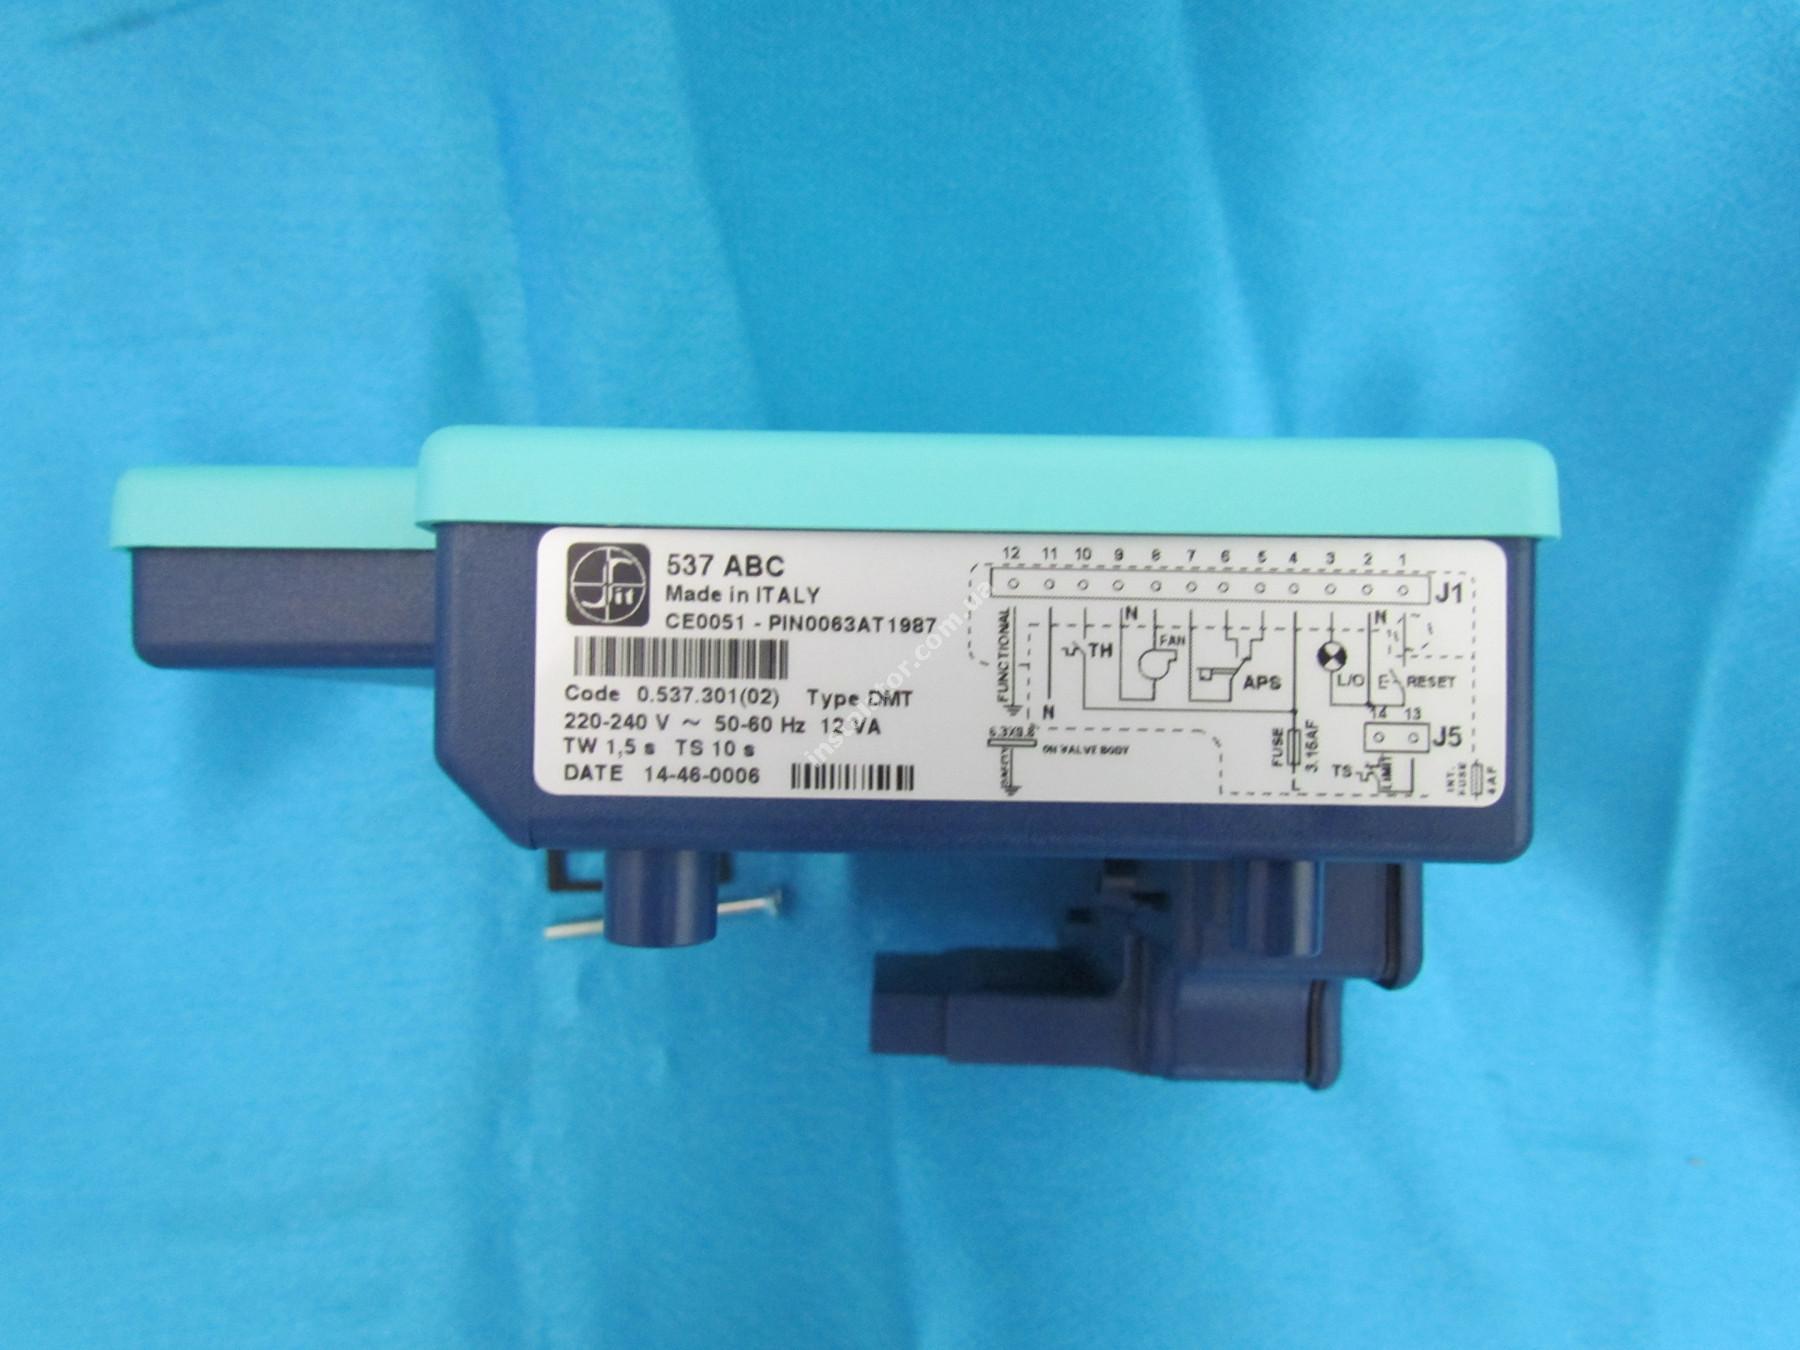 0.537.301(52002490) Плата розпалу SIT 537 ABC  для газових клапанів SIGMA 840, 845, 848 full-image-3